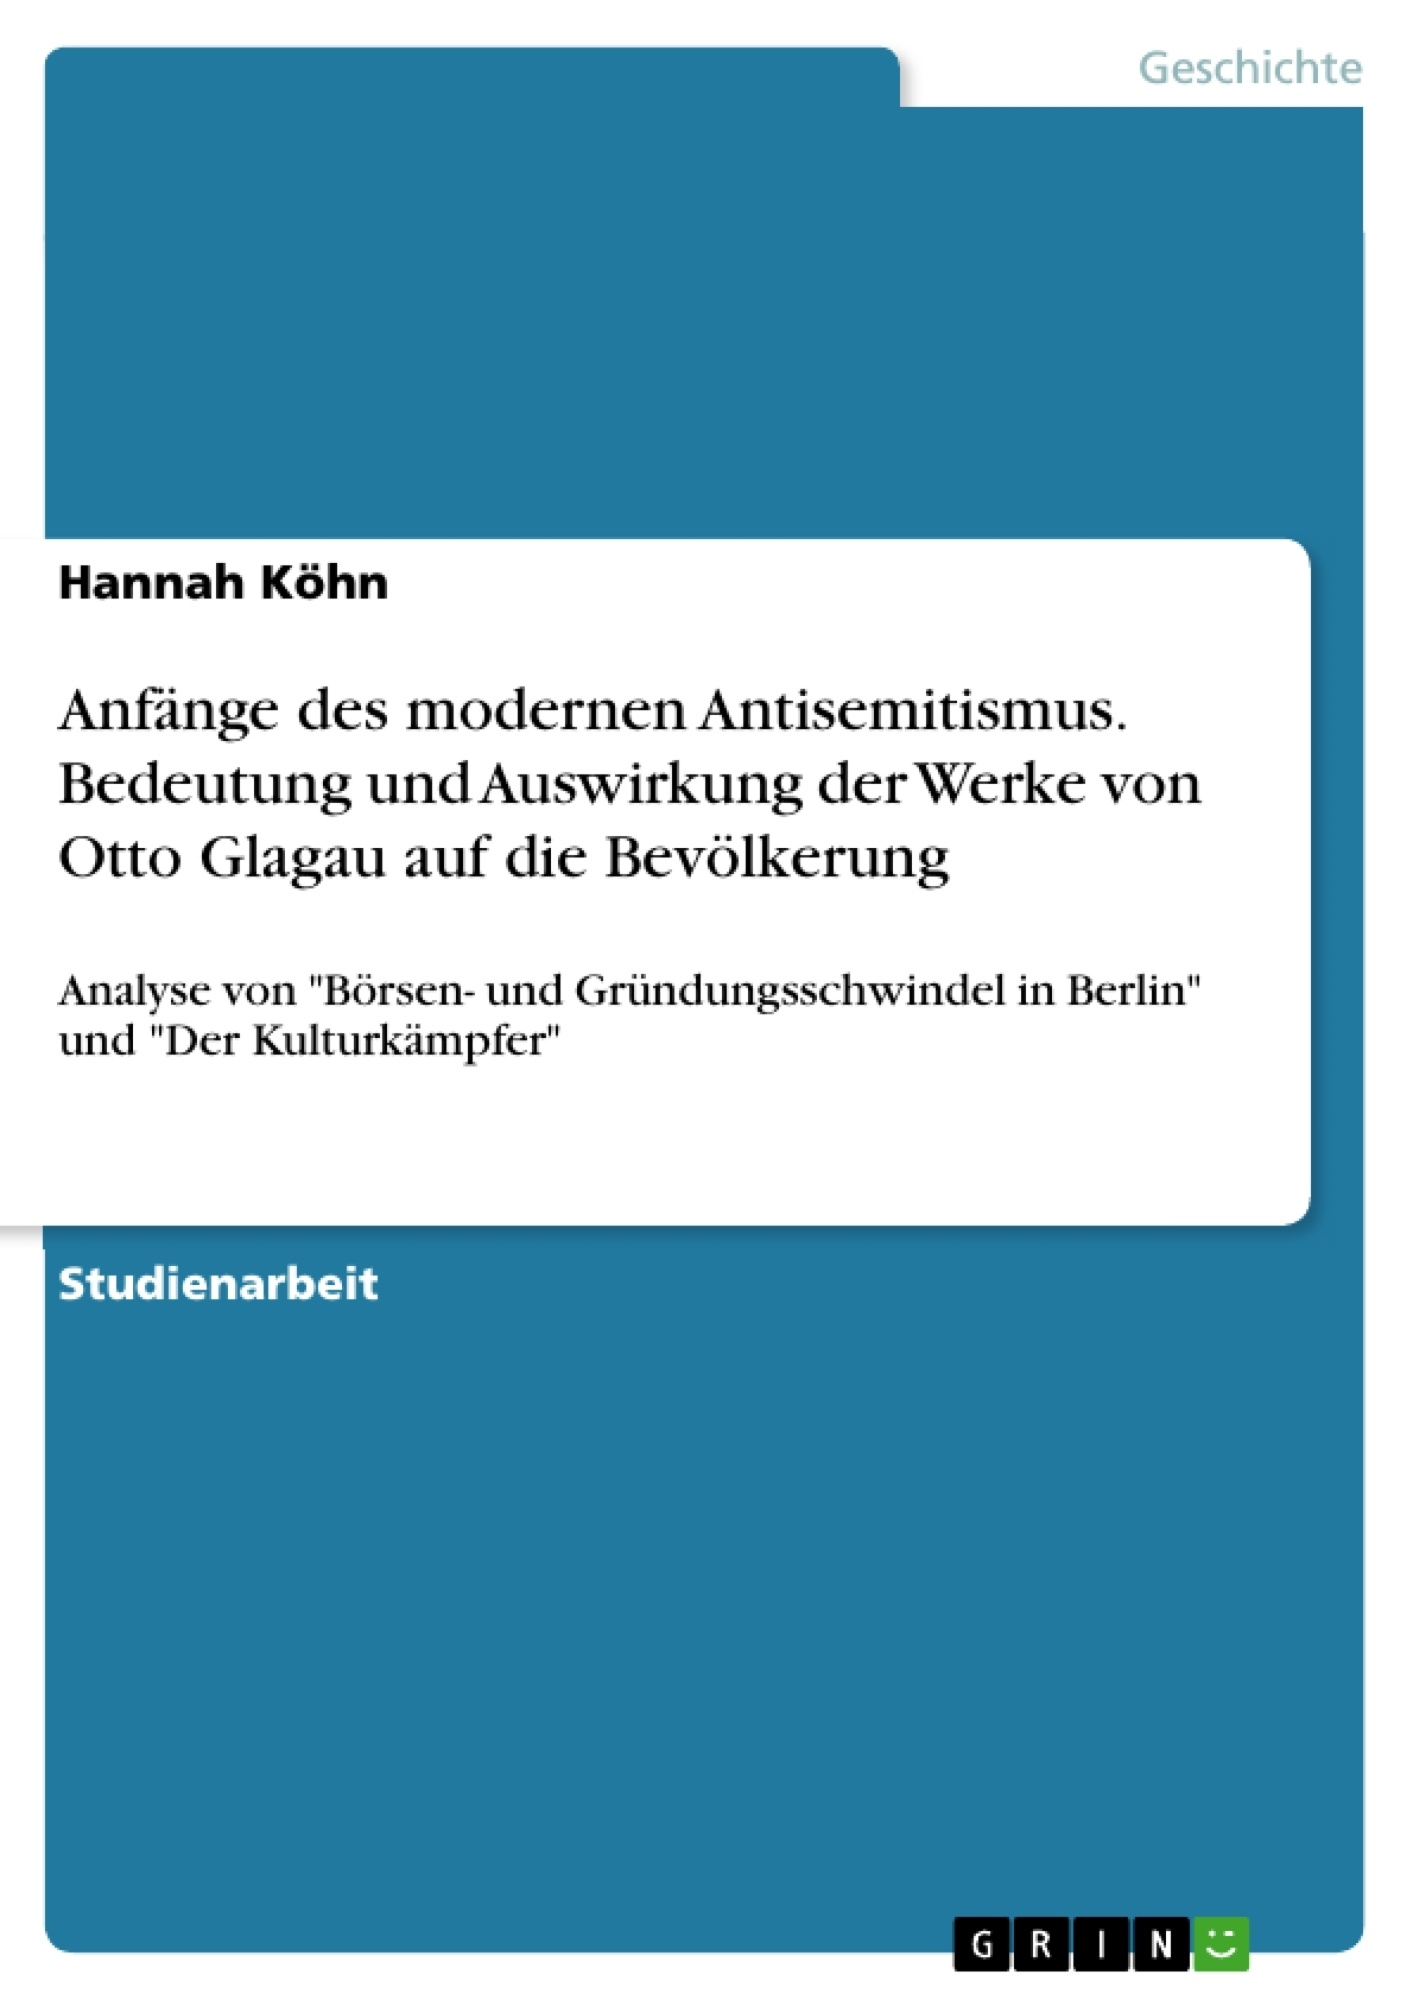 Titel: Anfänge des modernen Antisemitismus. Bedeutung und Auswirkung der Werke von Otto Glagau auf die Bevölkerung